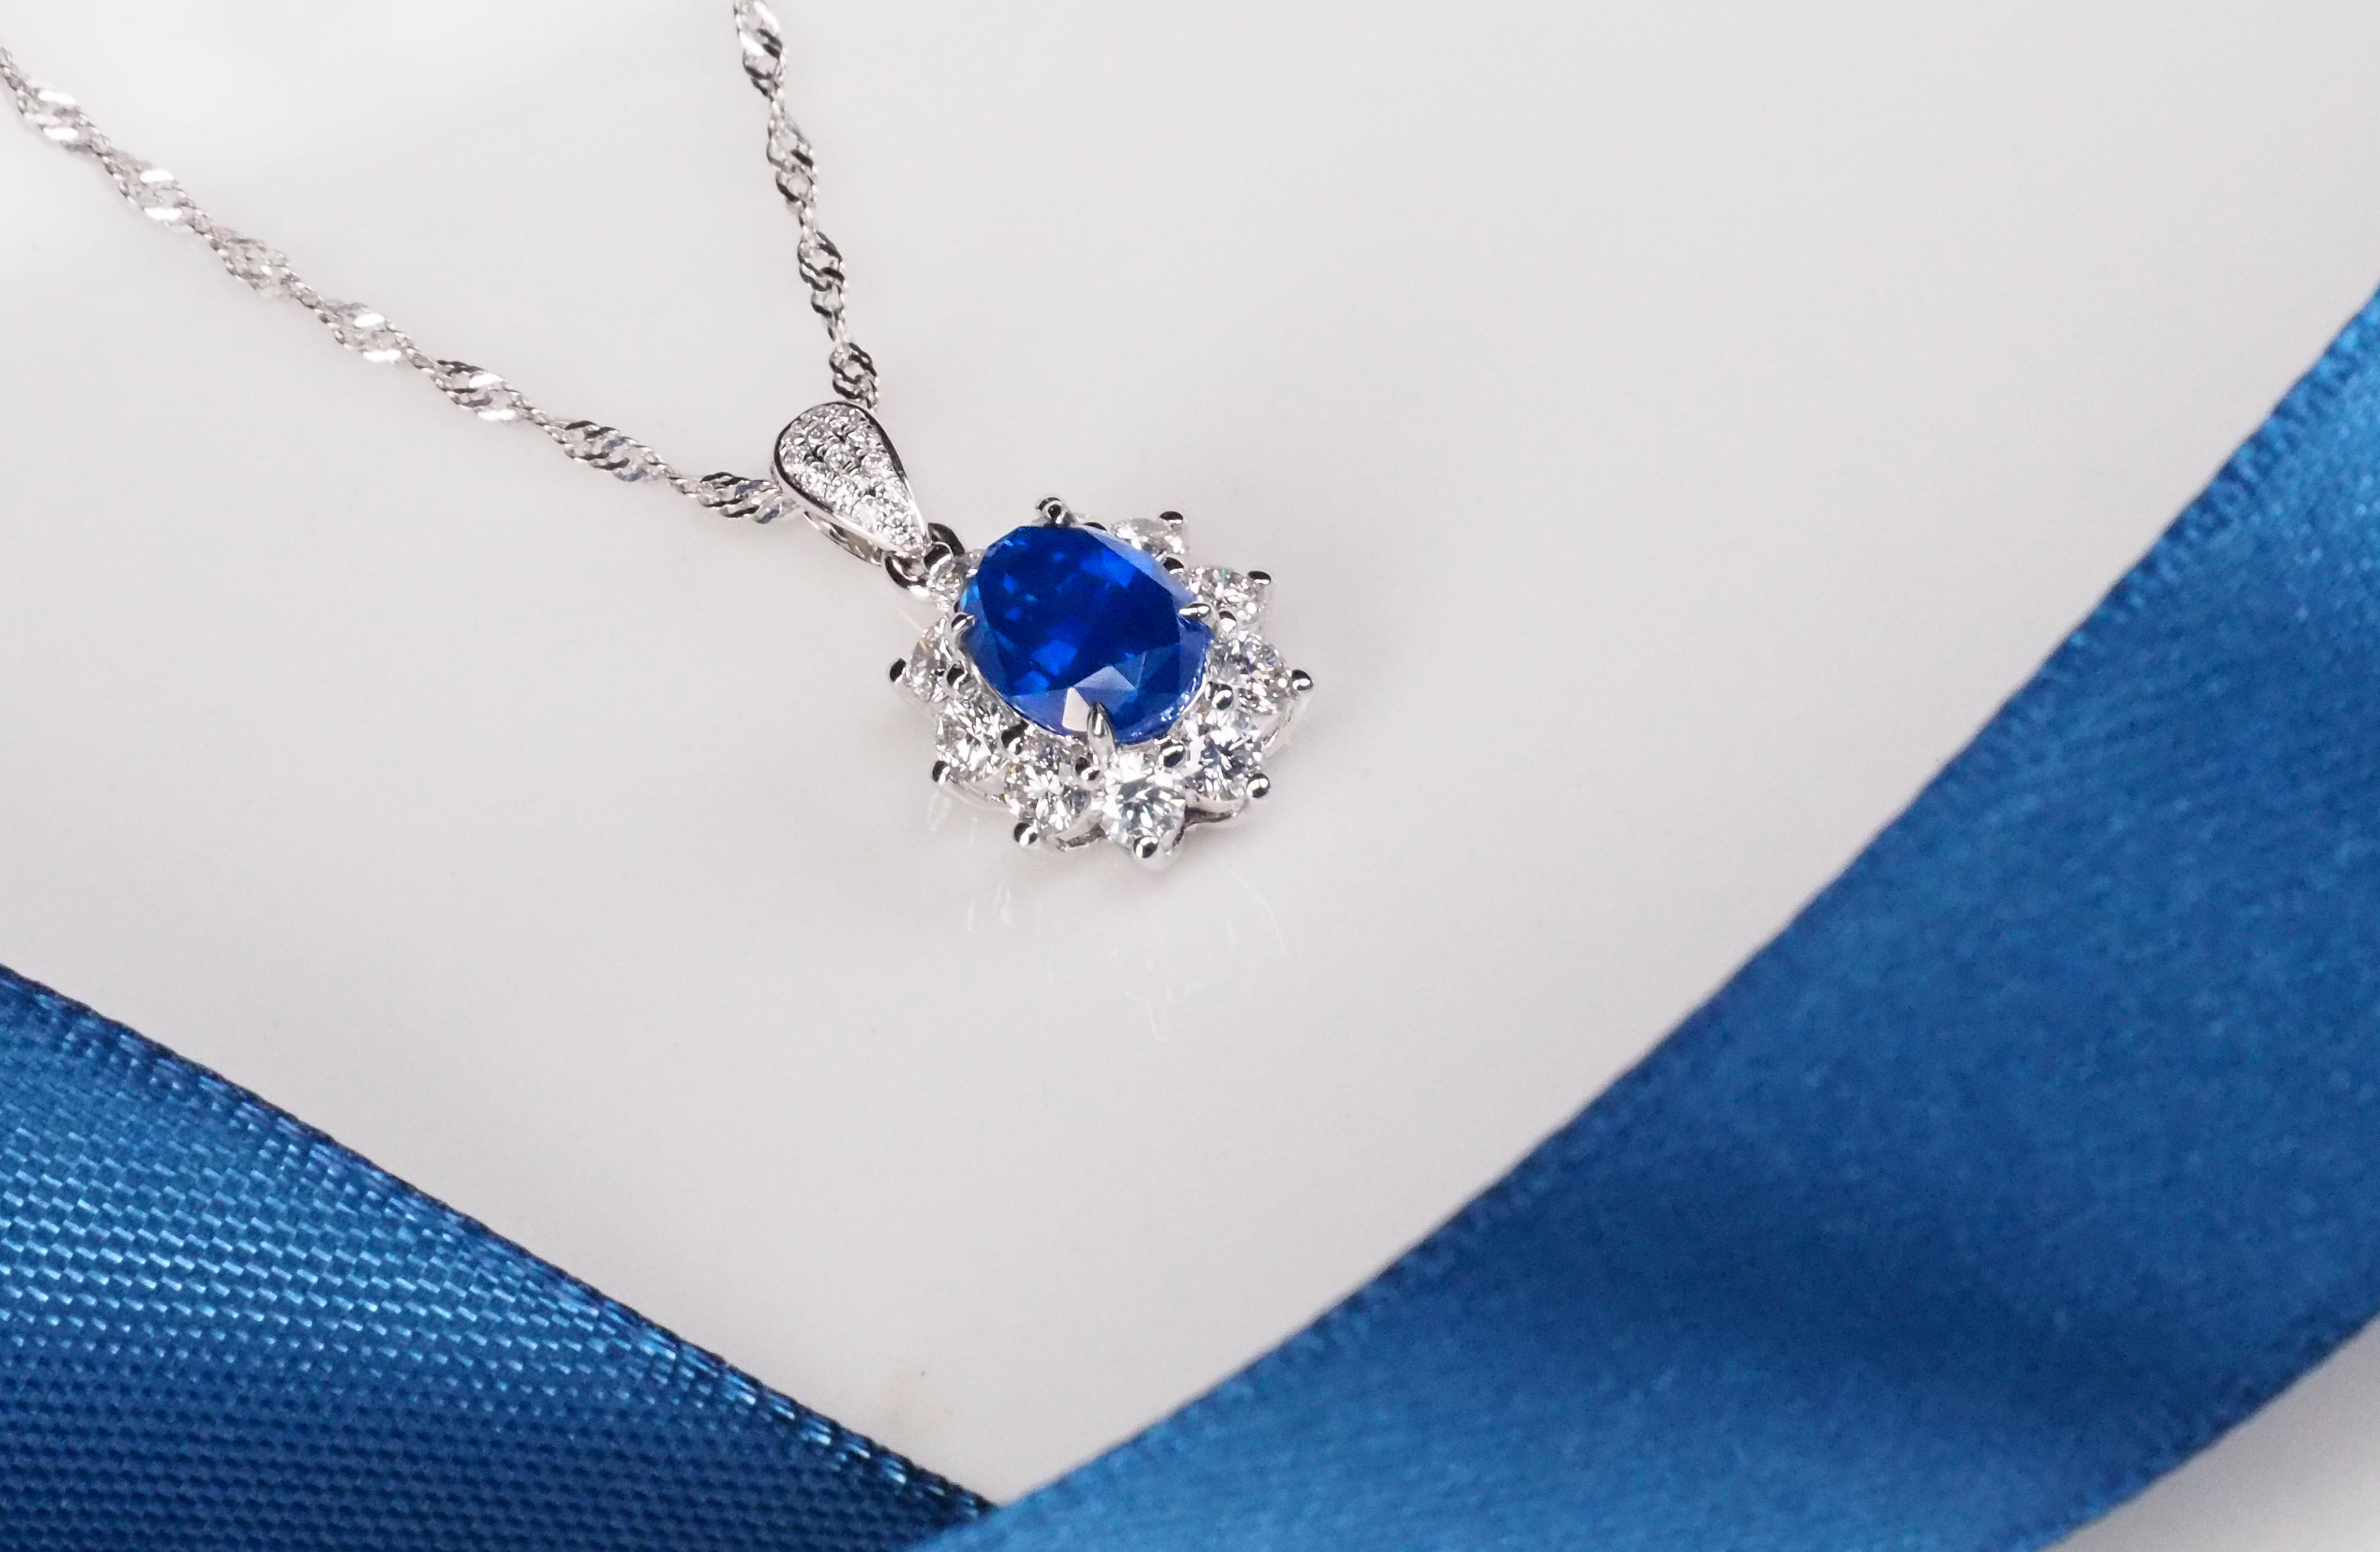 超全的优质蓝宝石选购指南